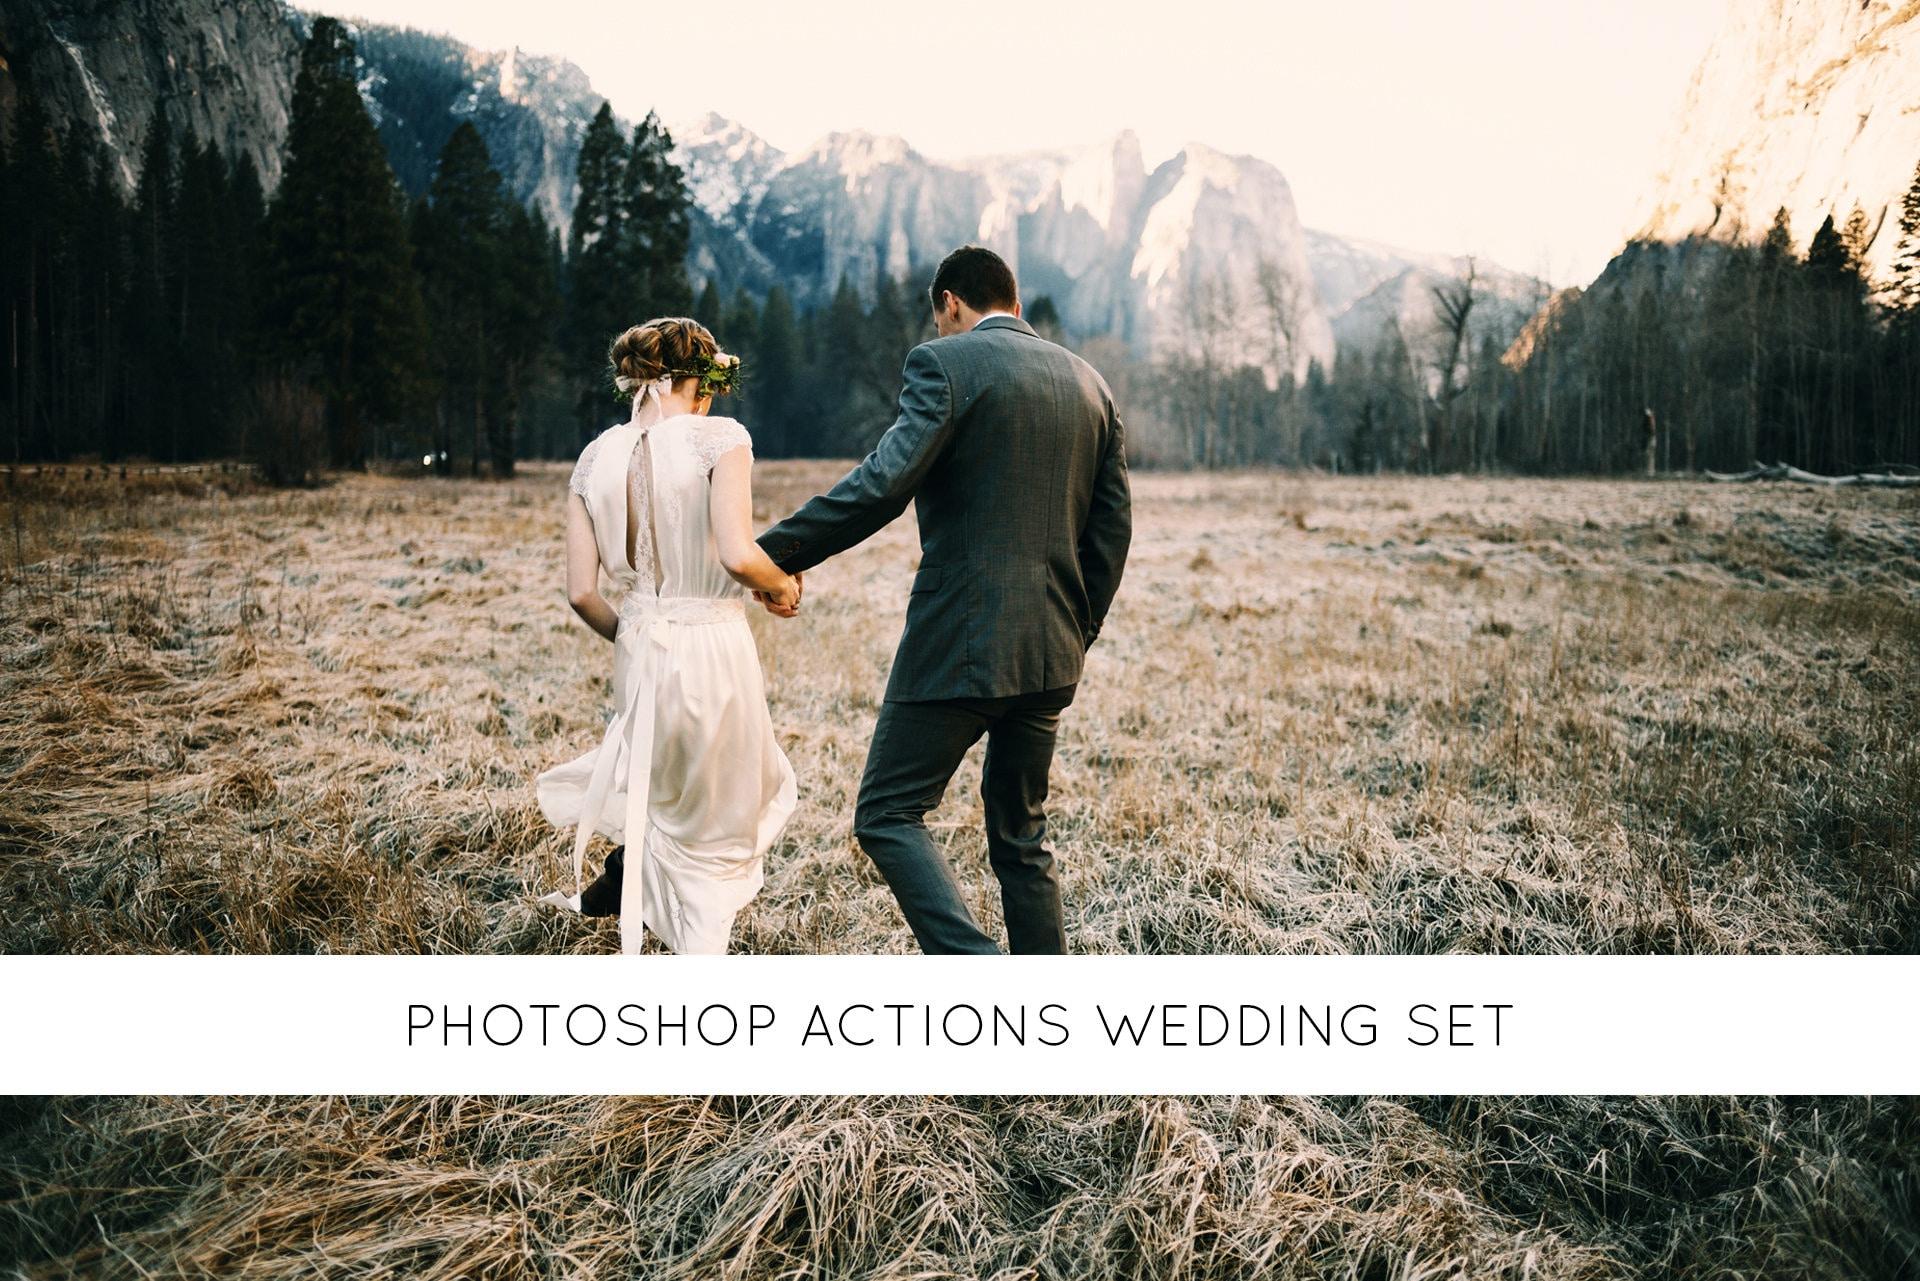 Hochzeit-Filter Photoshop-Aktionen die Hochzeit Hochzeit   Etsy